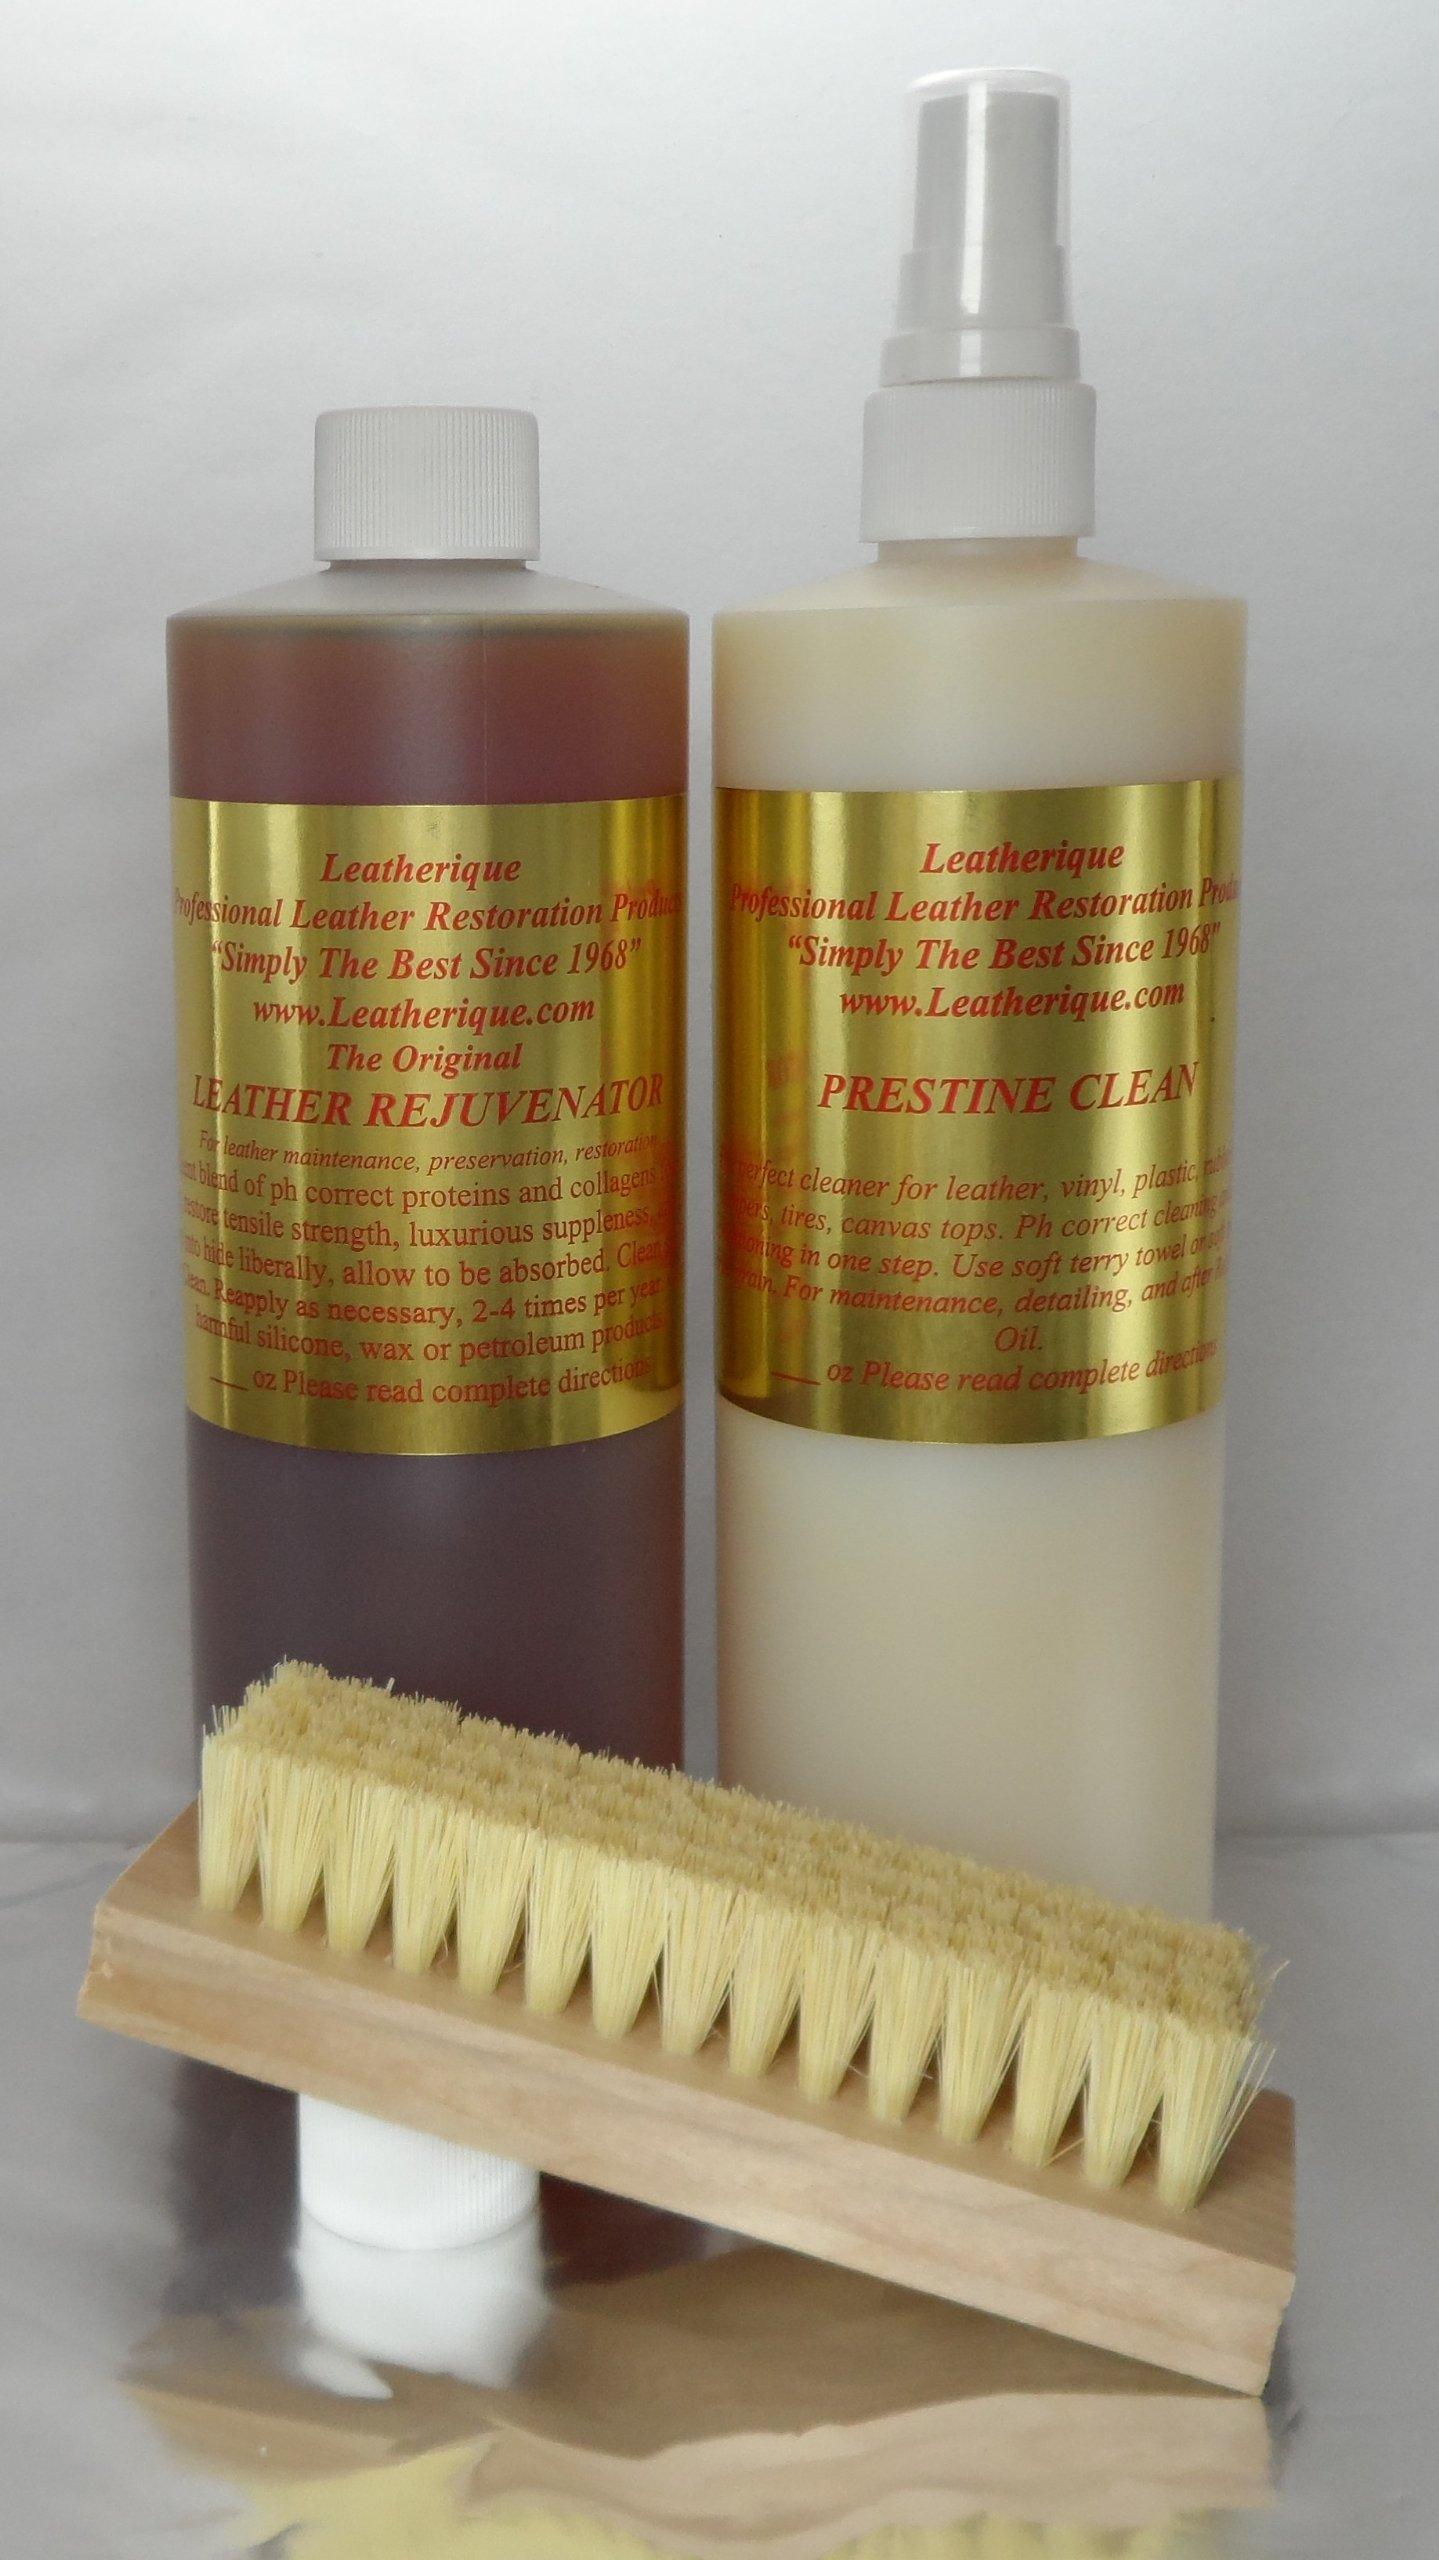 Leatherique Leather Rejuvenator/ Prestine Clean Pair 16 Oz by Leatherique (Image #2)